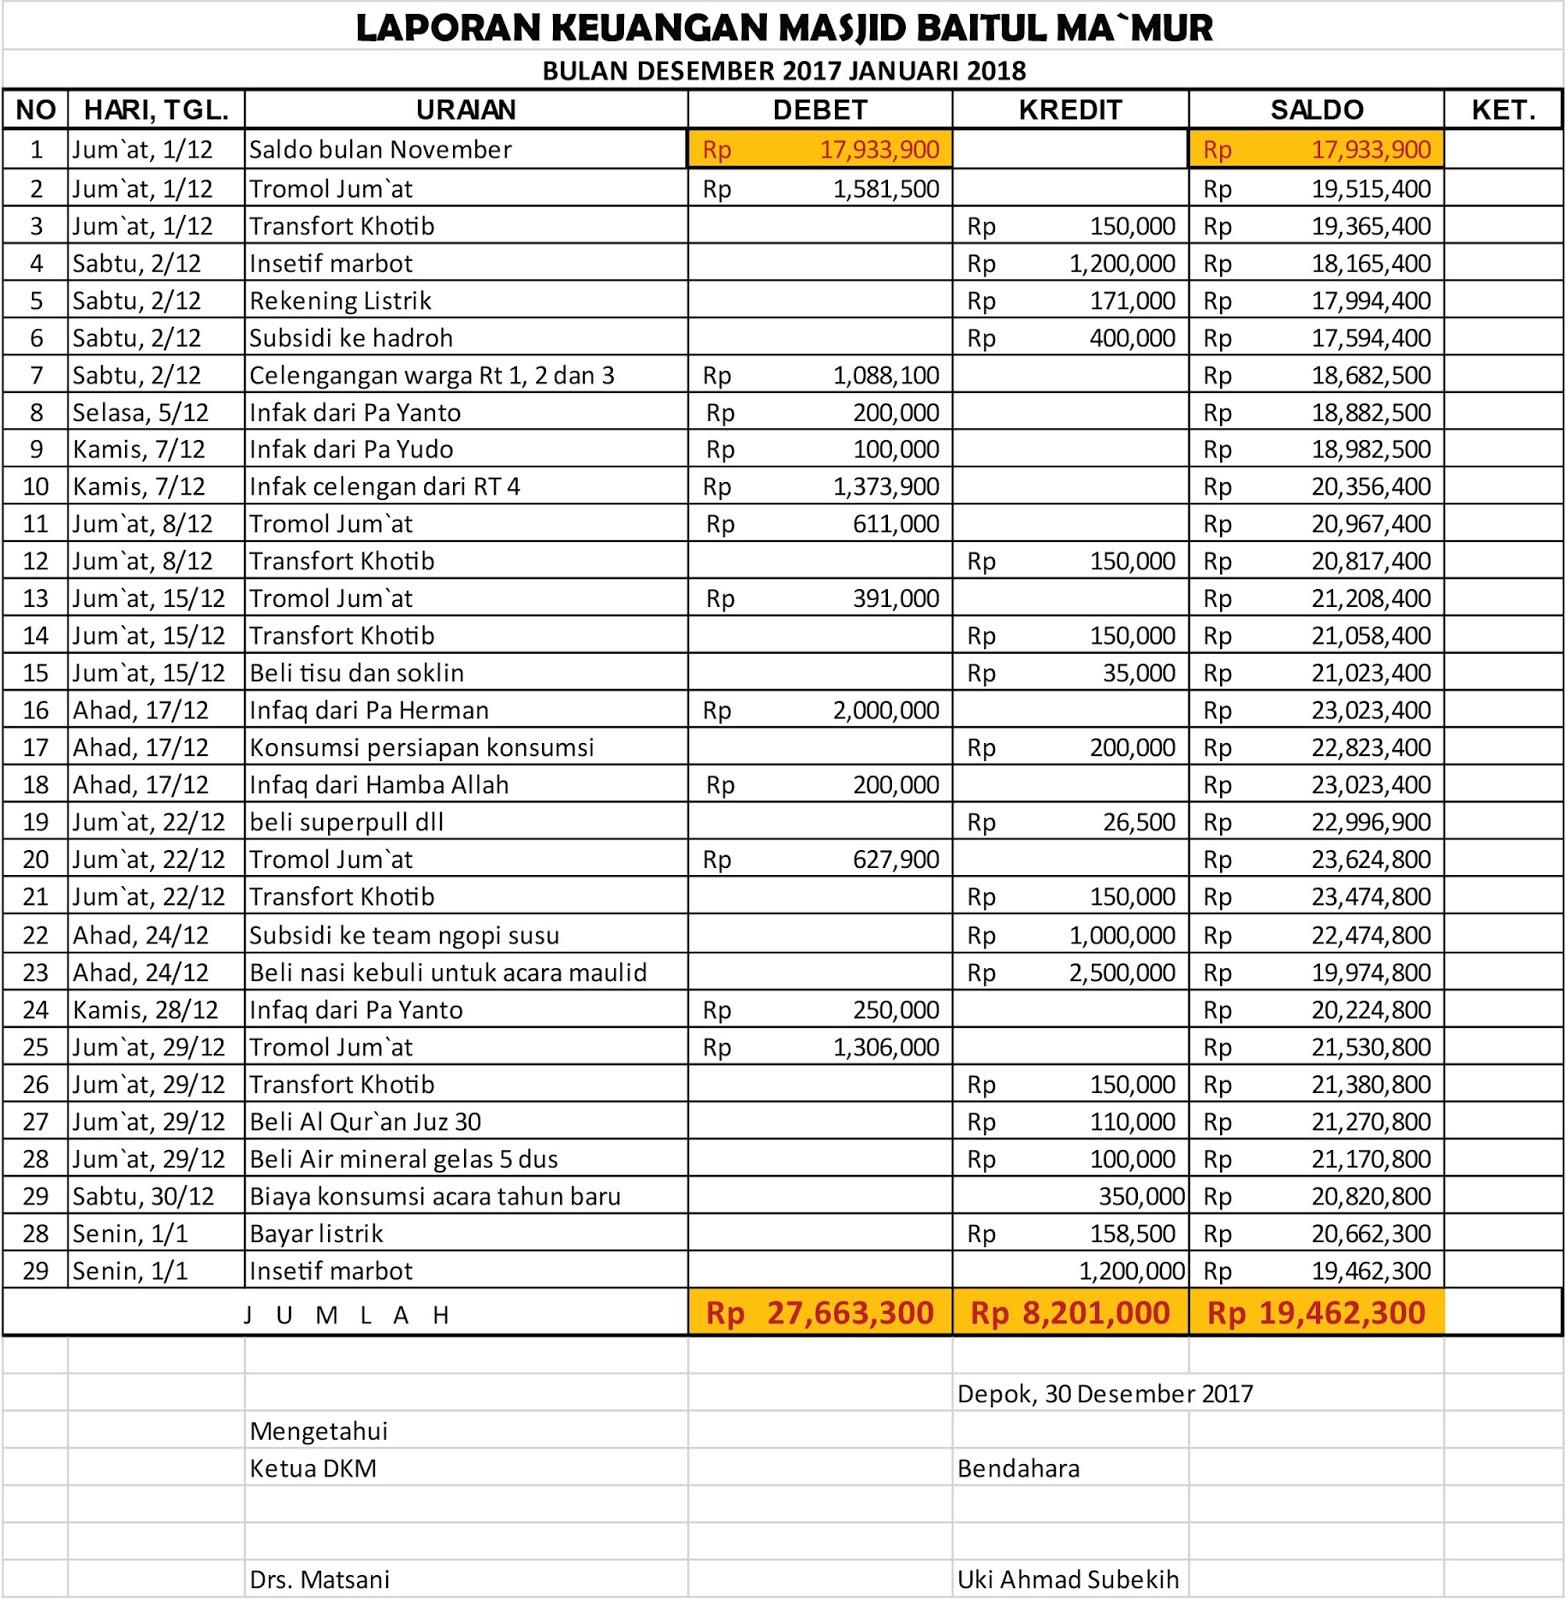 Laporan Keuangan Dkm Masjid Baitul Ma Mur Desember 2017 Januari 2018 Dkm Baitul Makmur